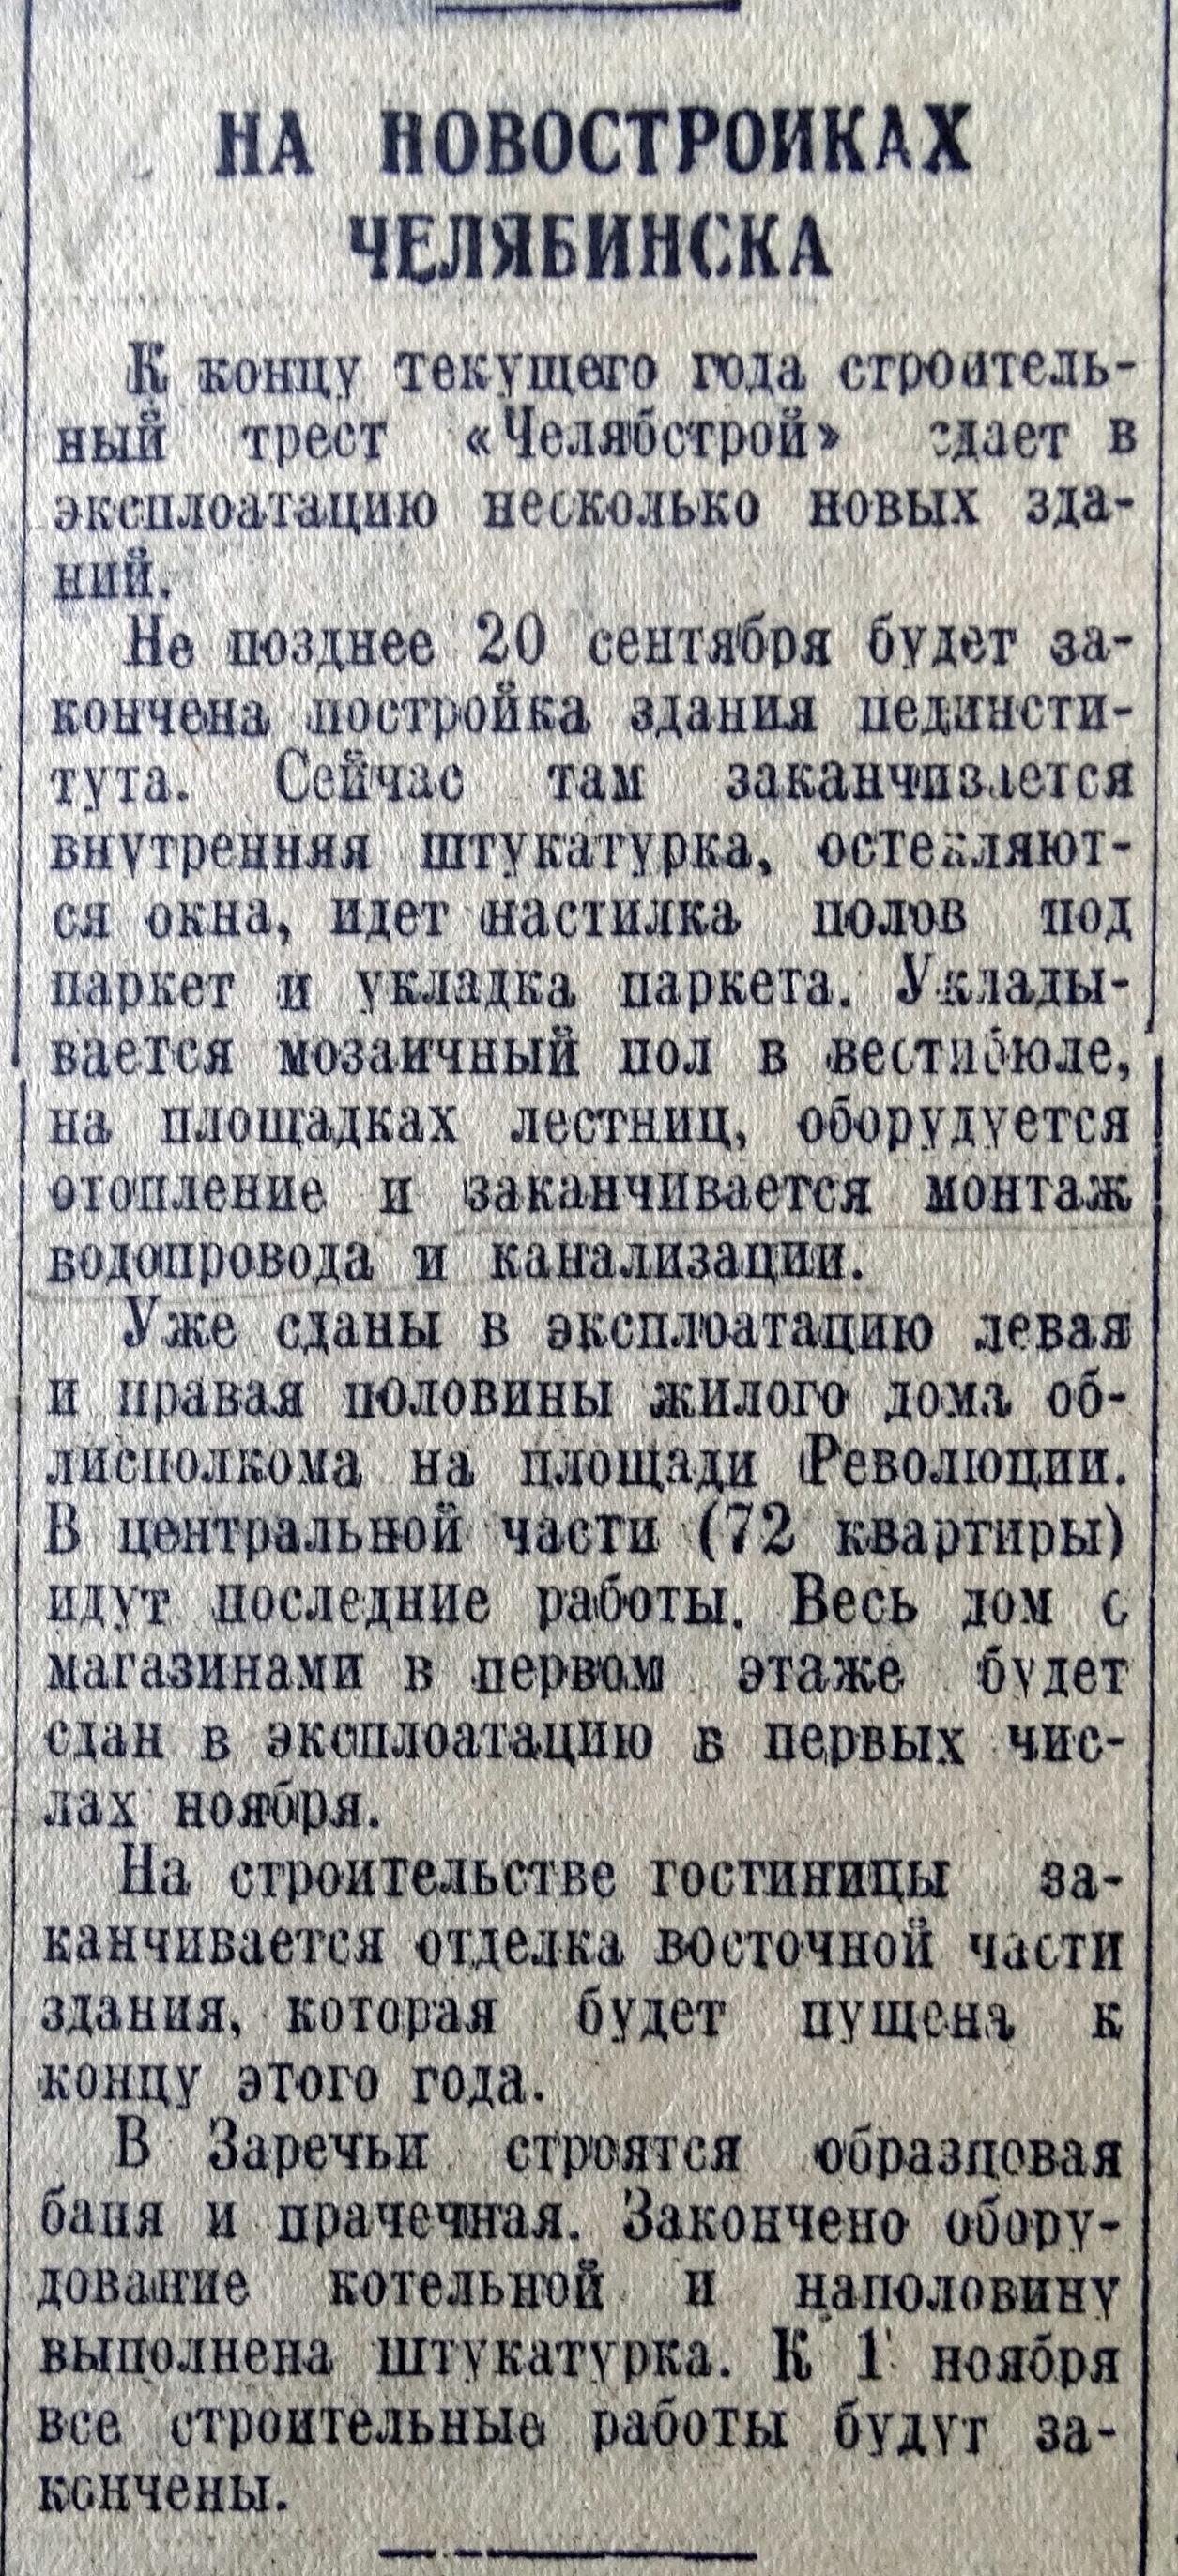 22 августа 1937 года